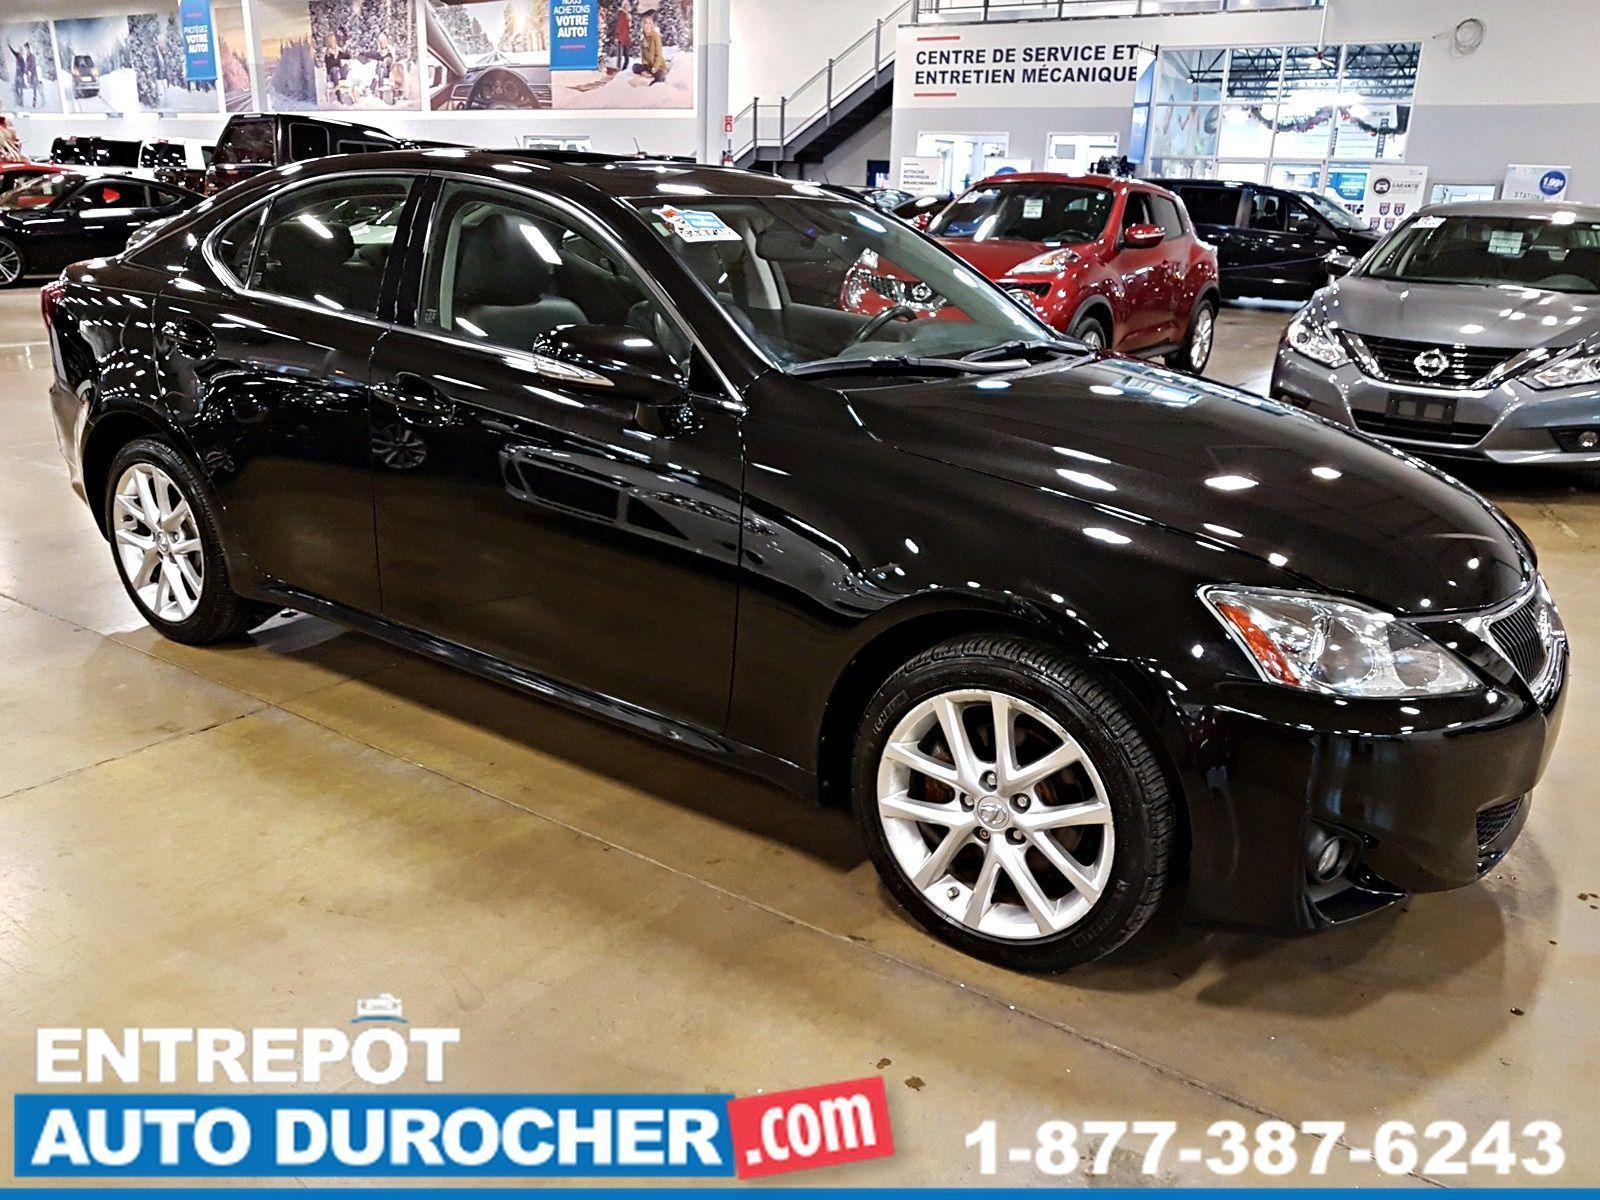 2013 Lexus IS 250 Automatique - 4X4 - TOIT OUVRANT - CUIR - A/C - Heated Seats